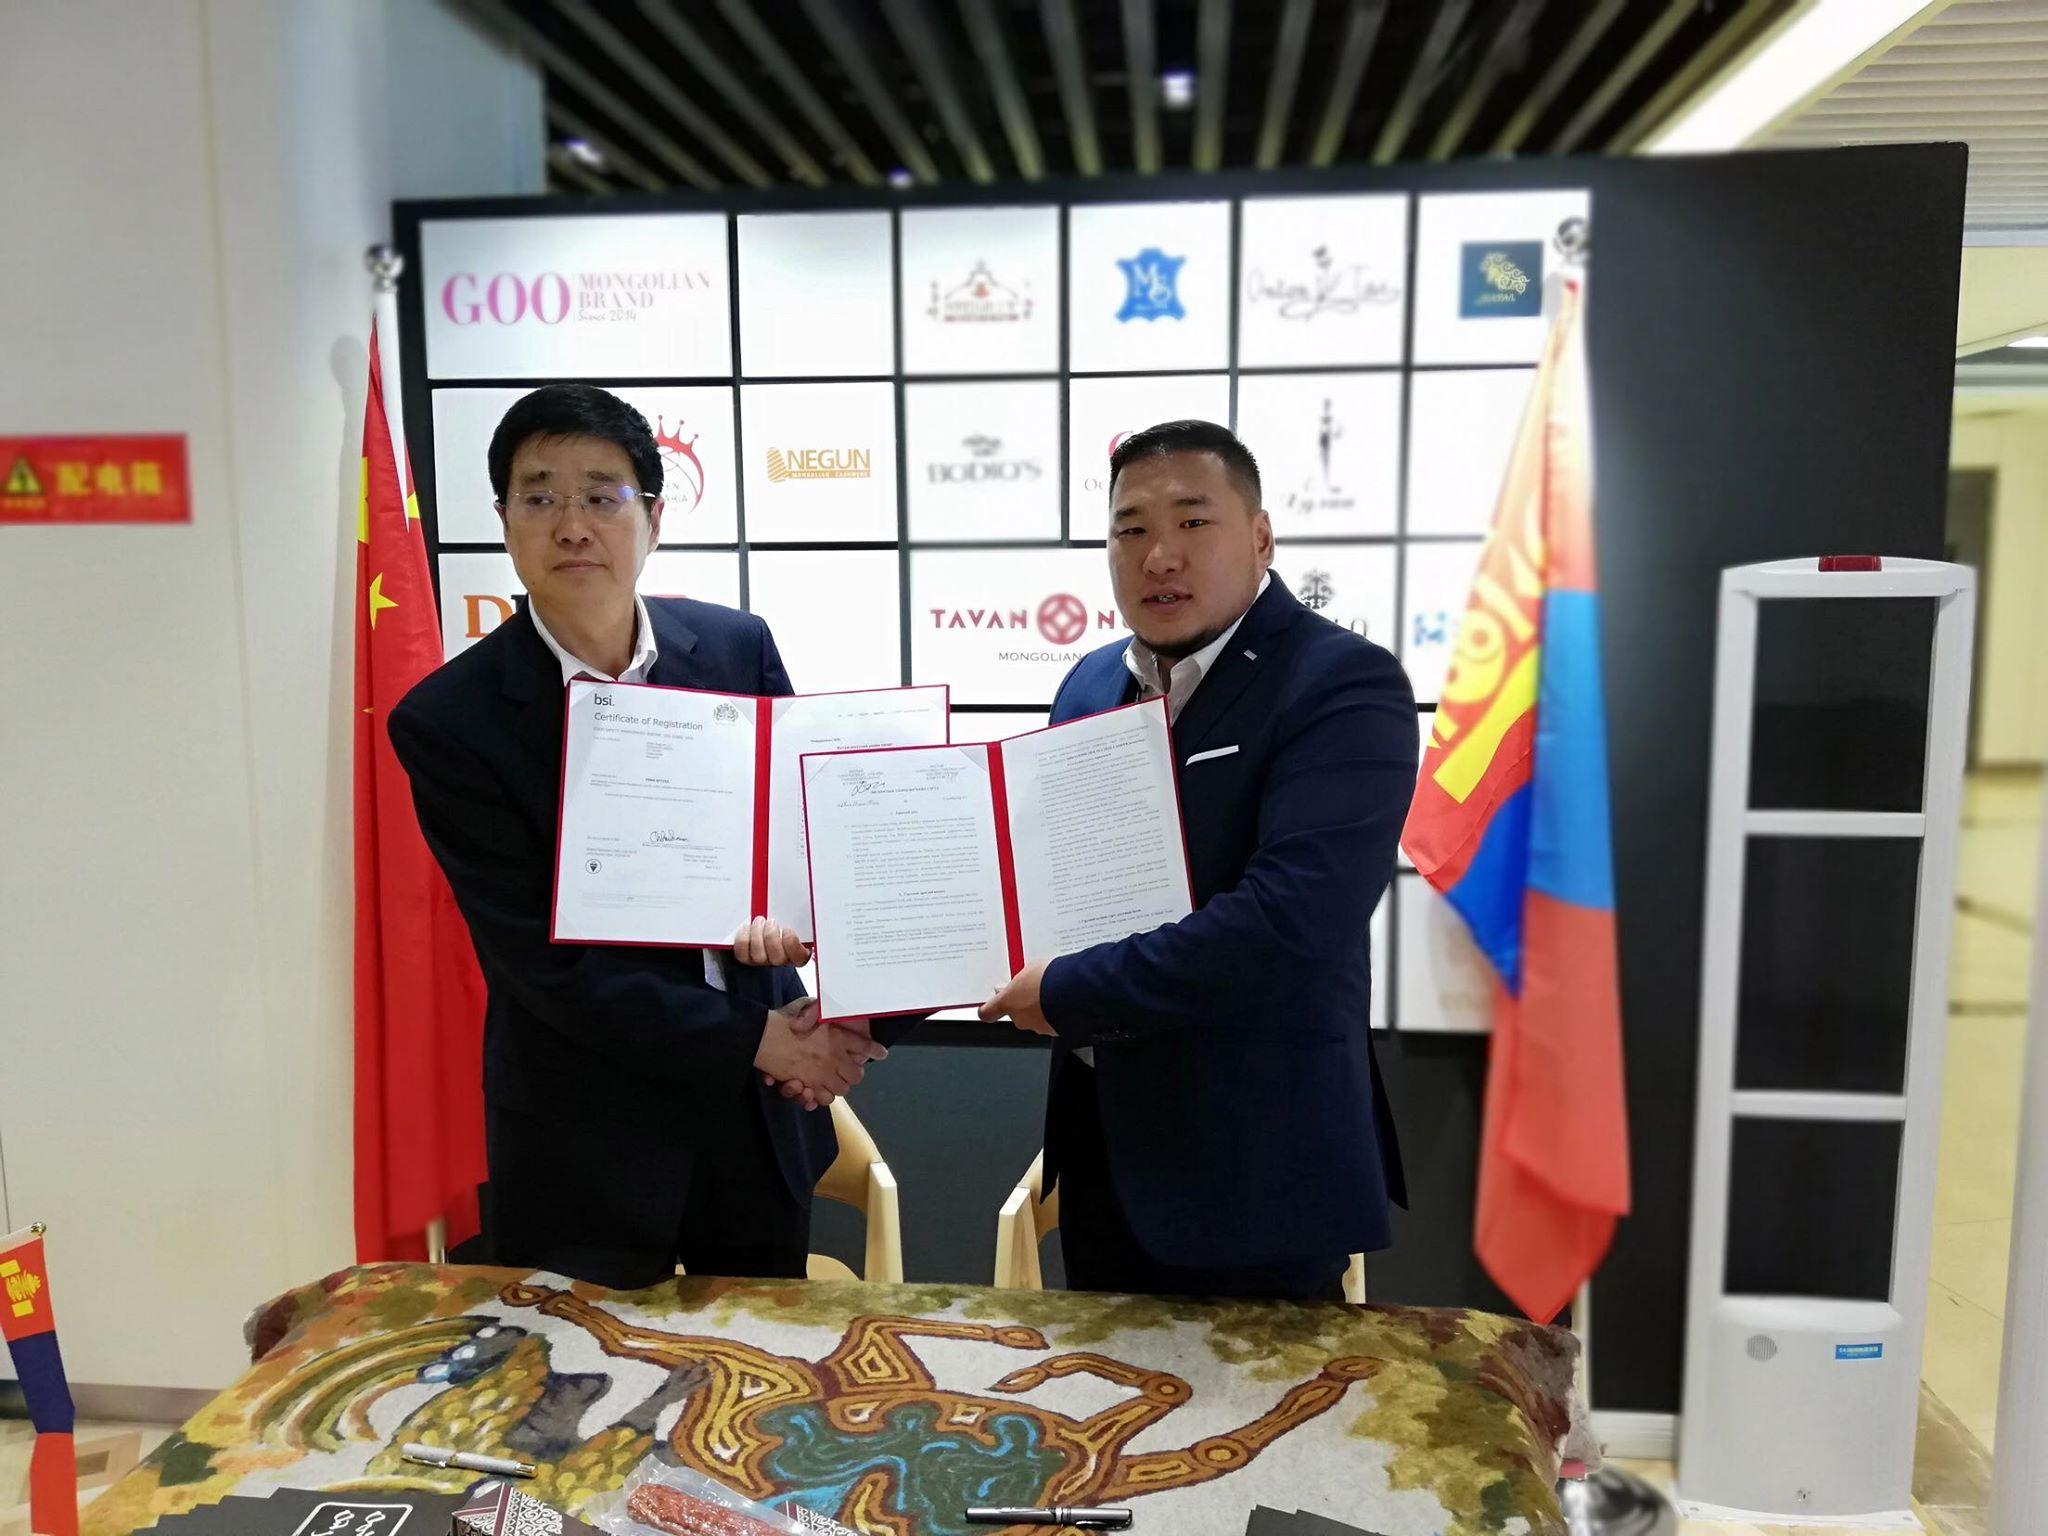 Монголын Брэнд ТАЛЫН ДОМОГ хиам 1кг нь 75$-н үнэ хүрч байна